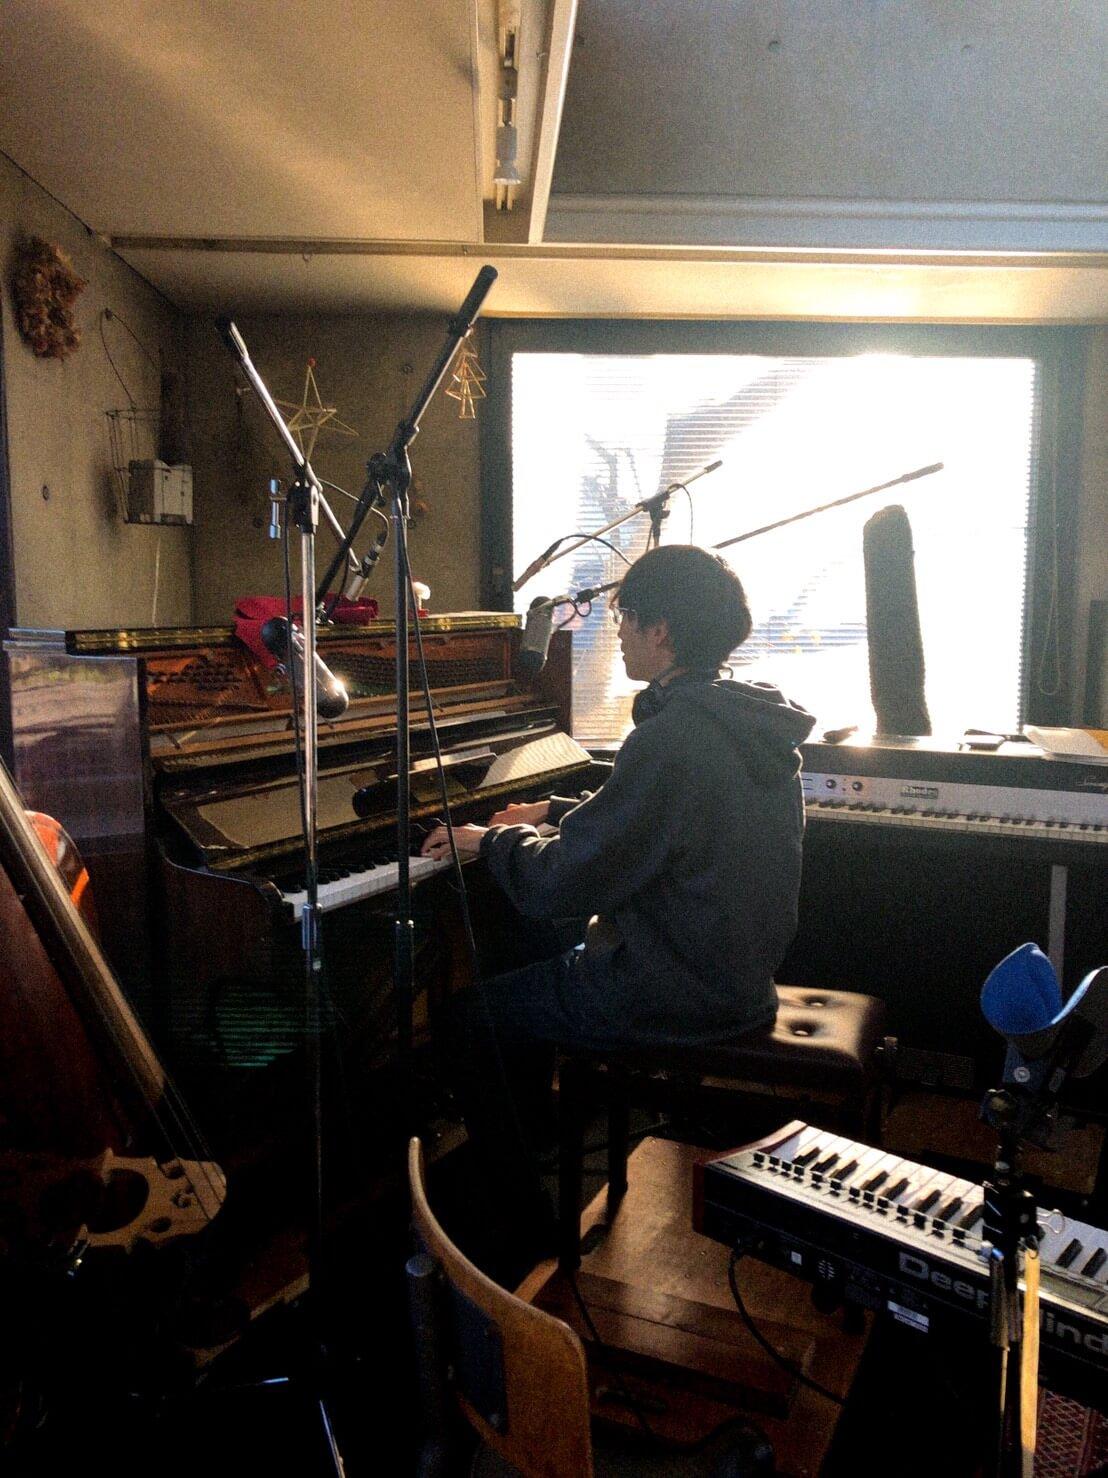 沼澤成毅(ODOLA)インタビュー | ODOLAでの活動をはじめ様々なアーティストのサポートも行う鍵盤奏者・トラックメイカー【IYOW 】